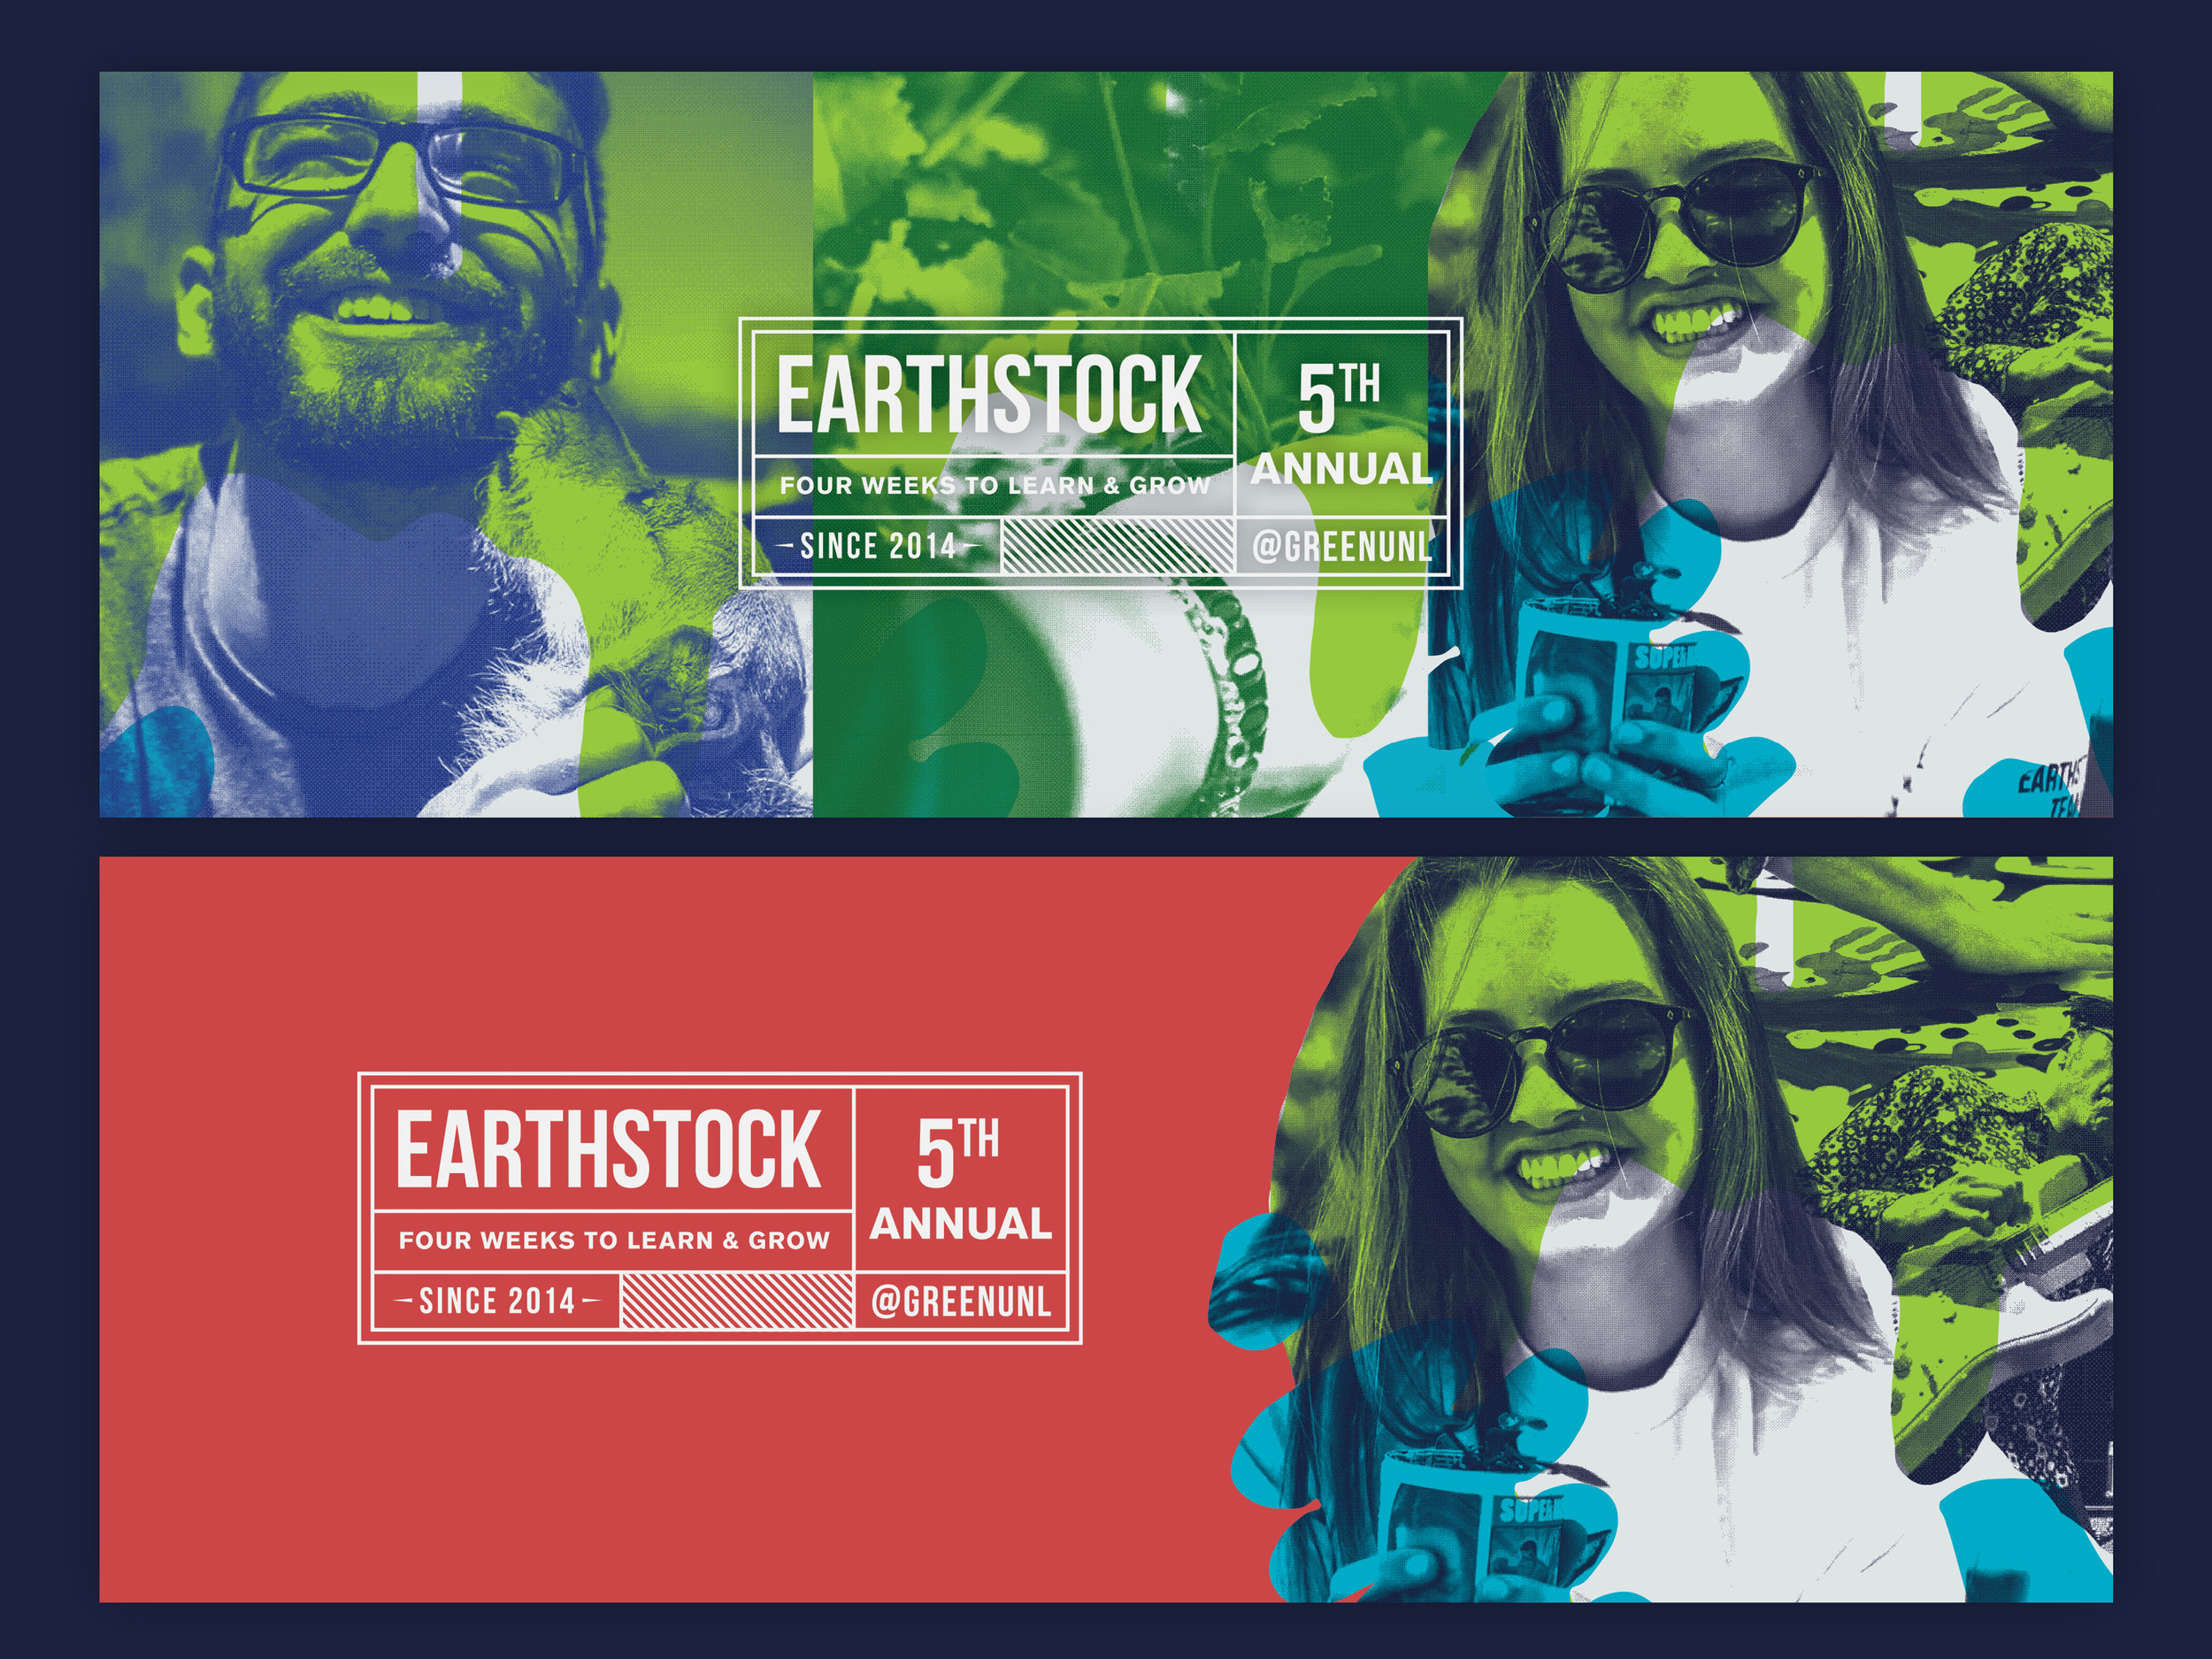 EARTHSTOCK_DIGITAL3.jpg